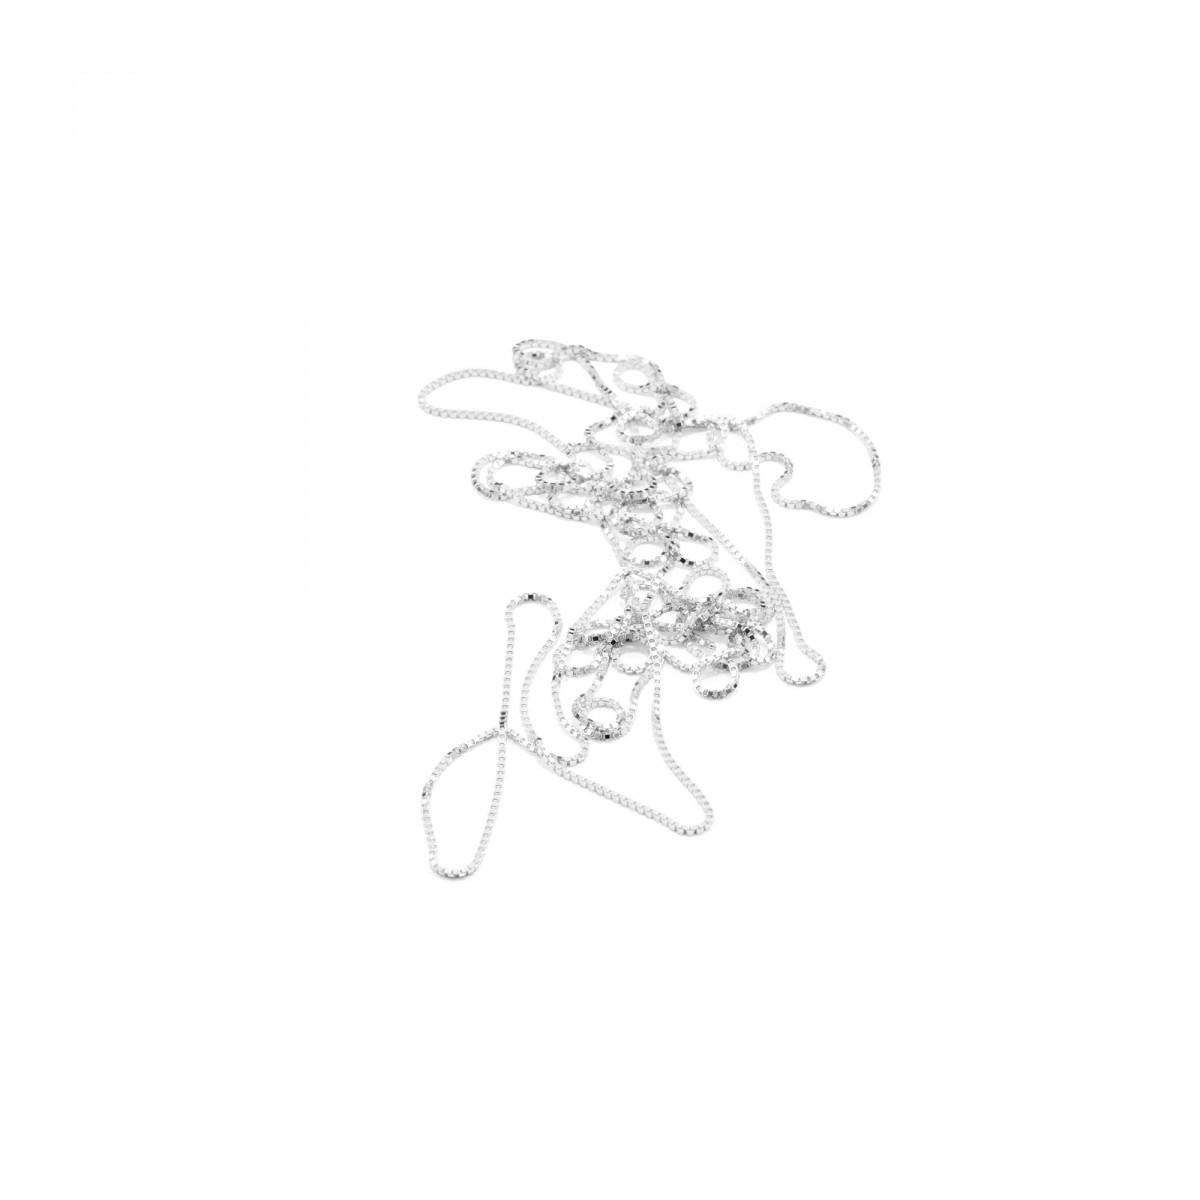 Jonathan Radetz Jewellery Kette fineENDLESS, Silber 925, Sterlingsilber, Länge 120 cm, nahtlos, Handmade in Germany